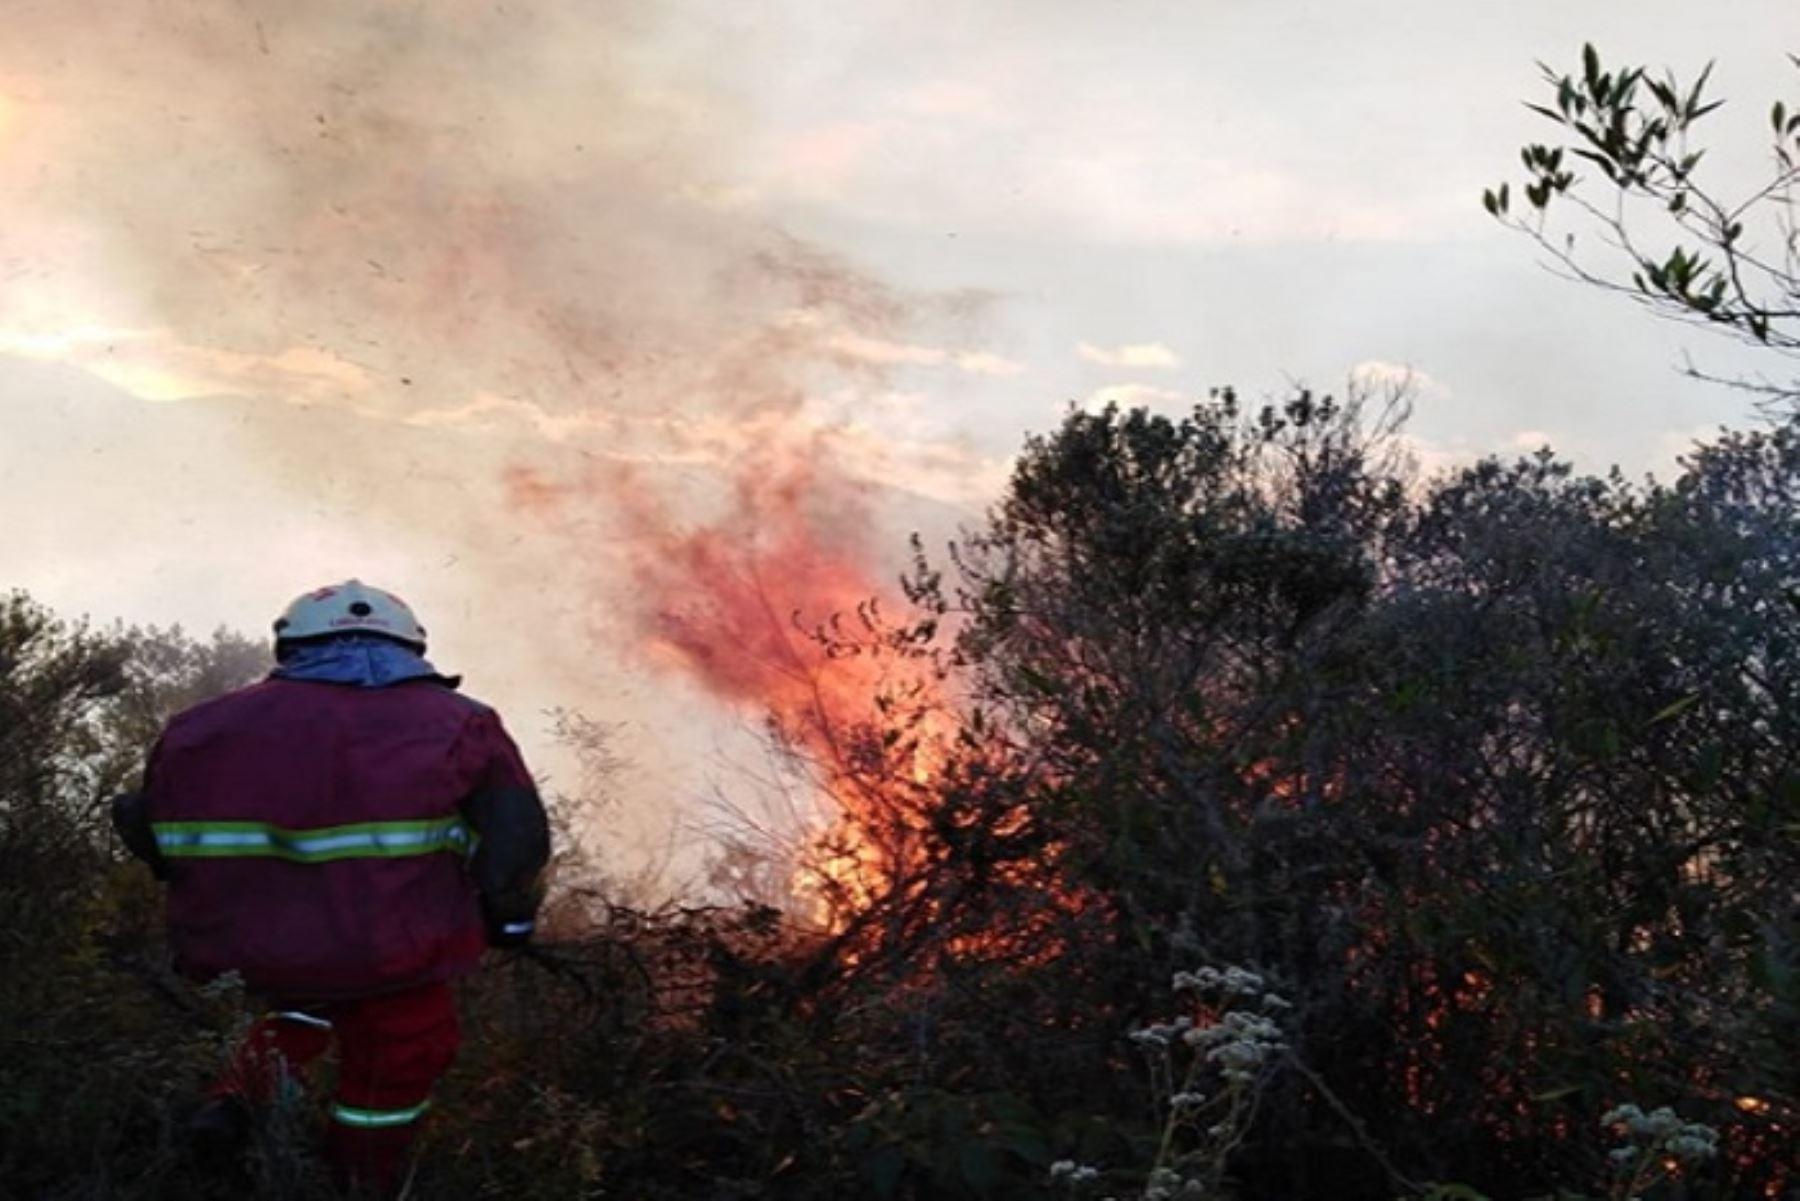 Cusco registró la mayor cantidad de incendios forestales con 24 eventos, según reporte del Indeci. Foto: ANDINA/Difusión